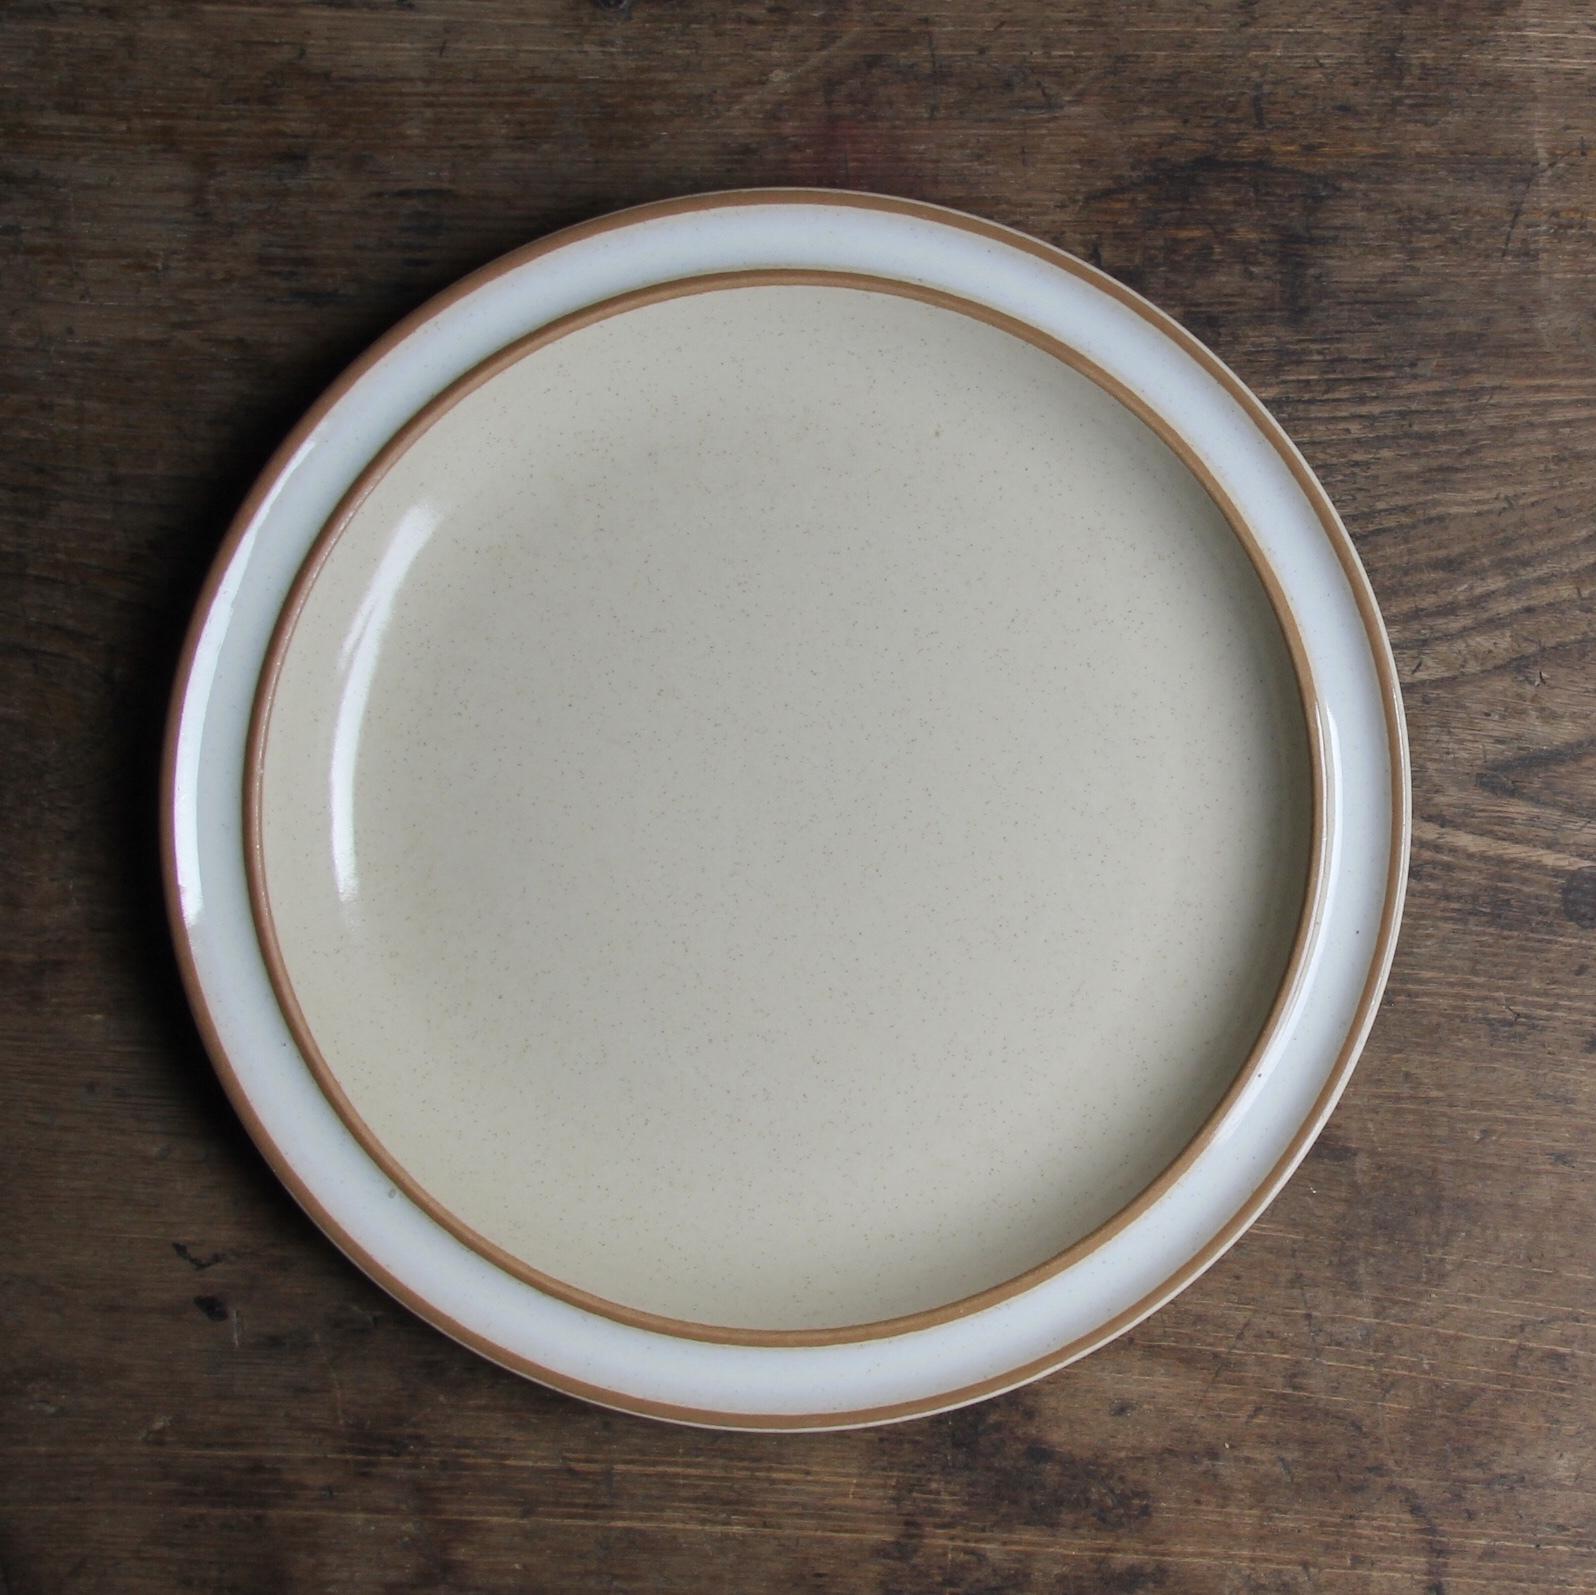 yamaka ストーンウェア ディナー皿 在庫2枚